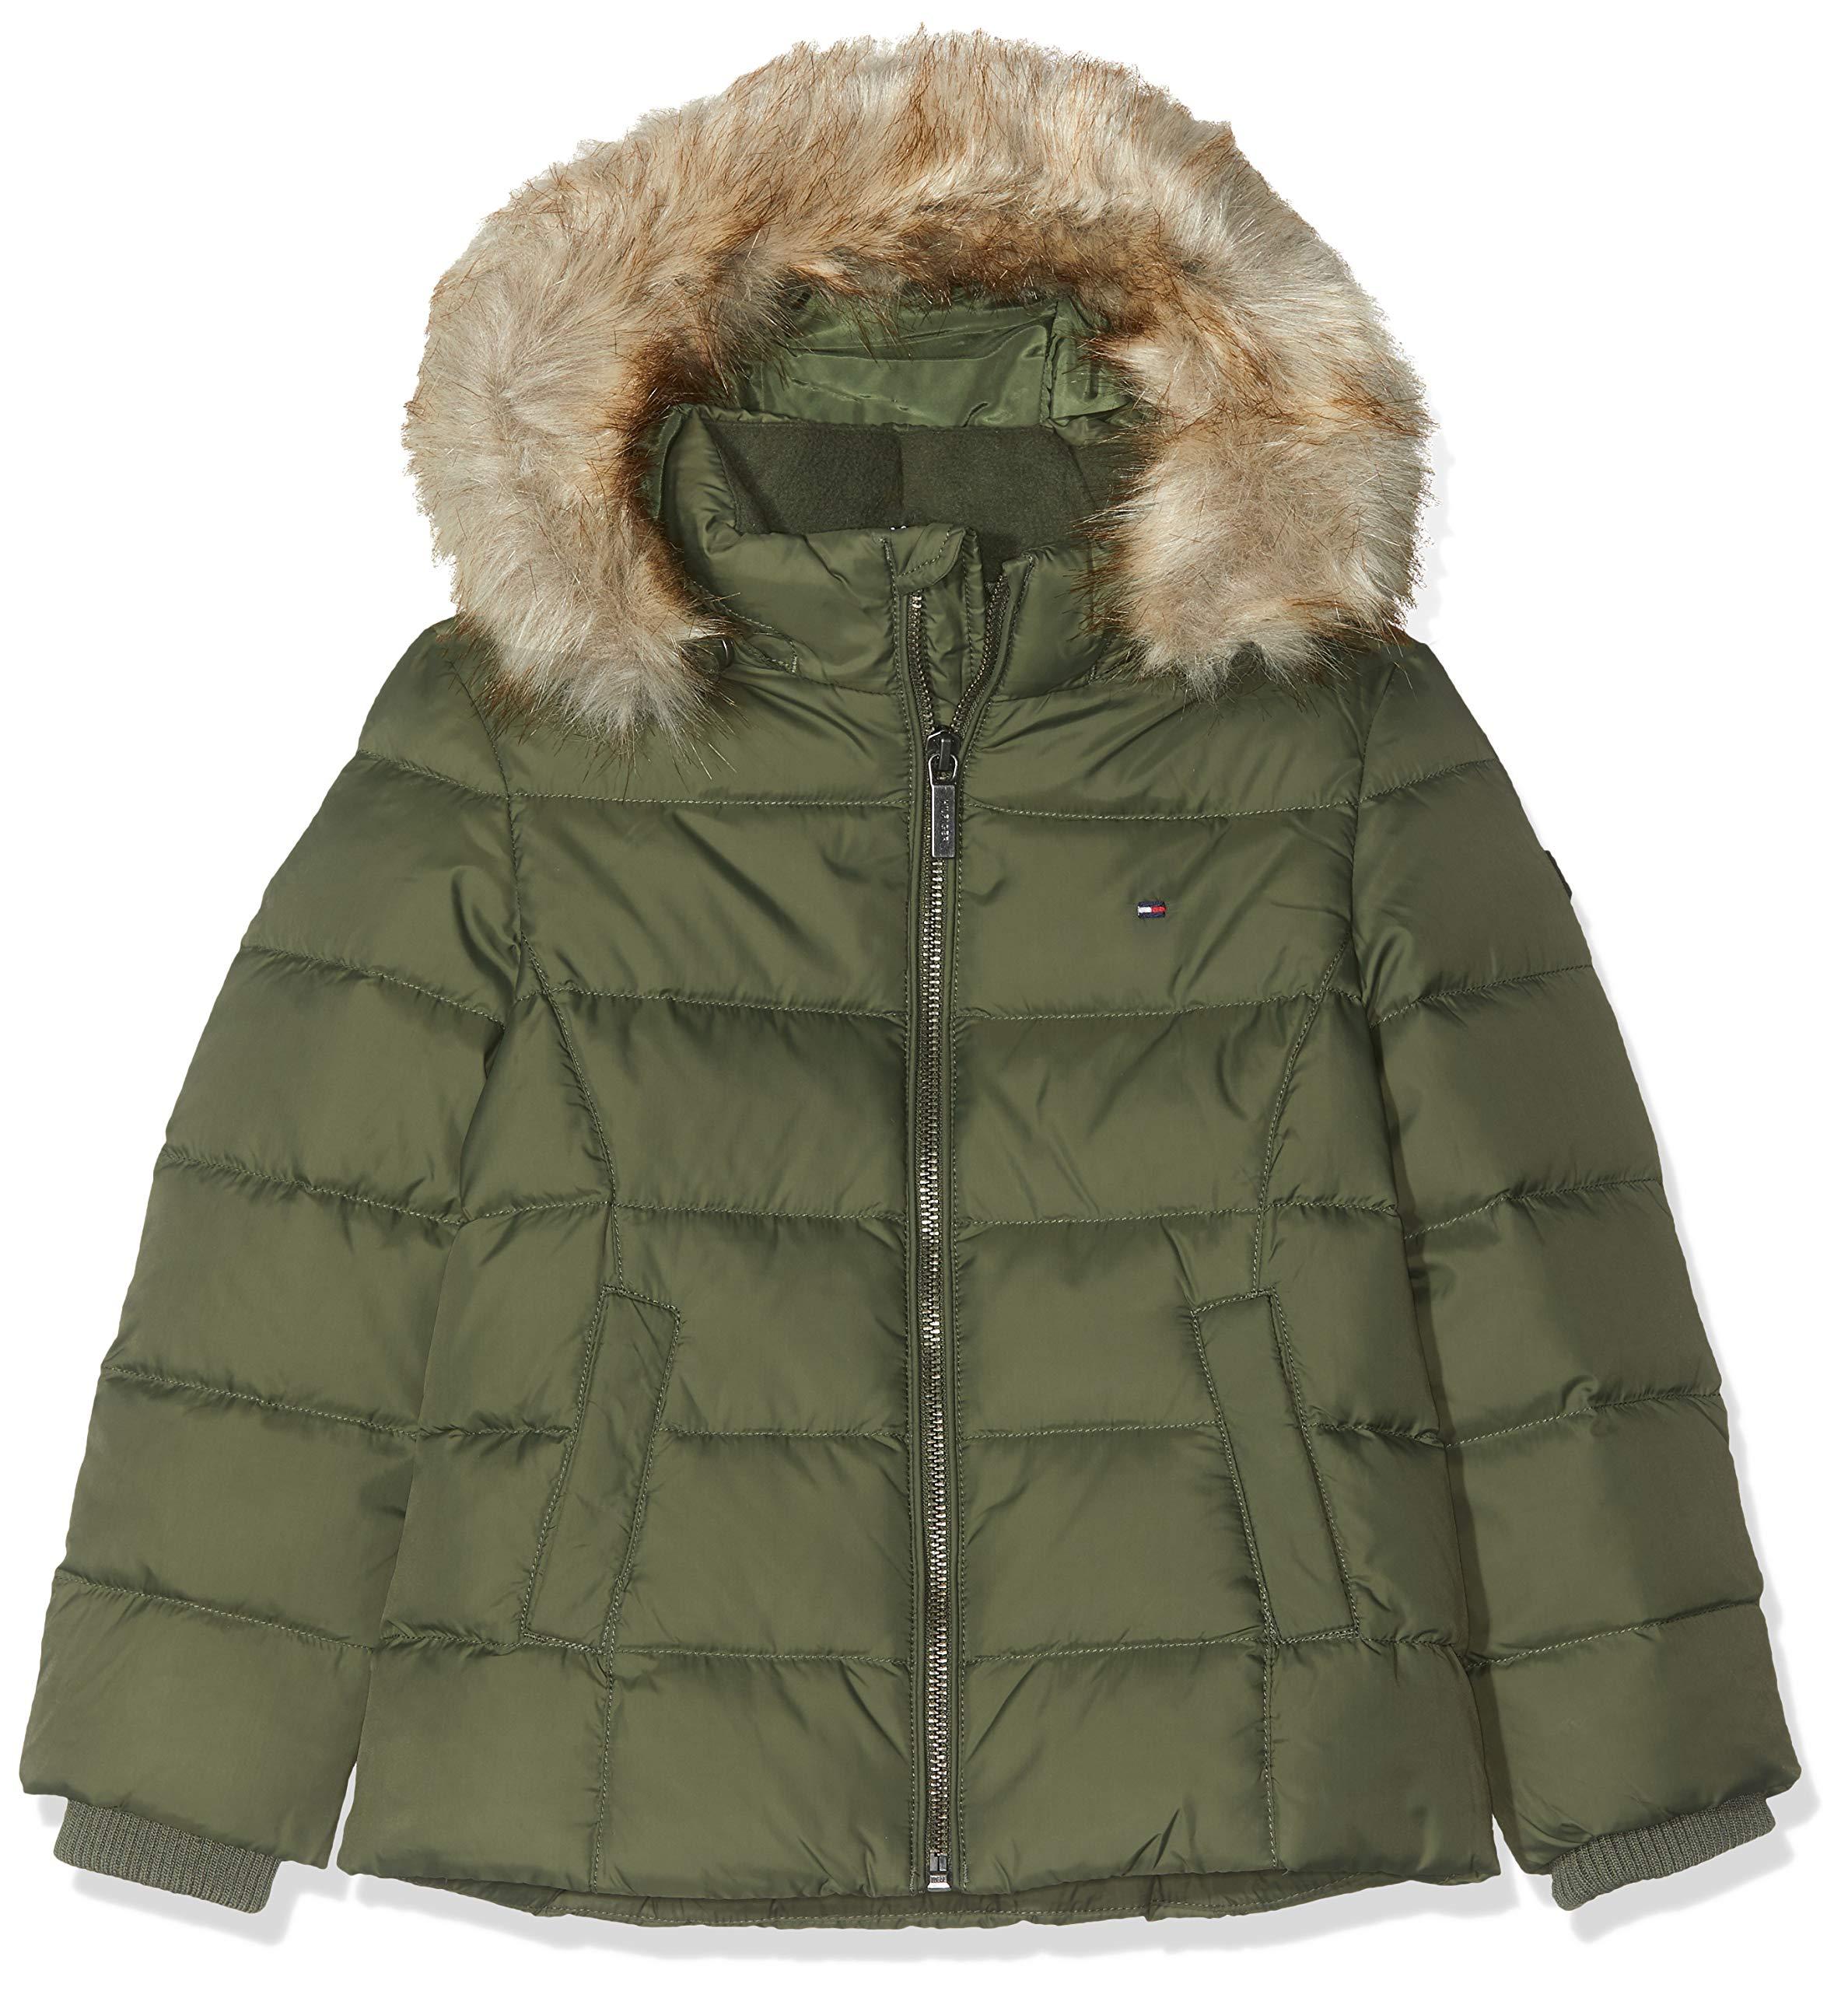 TOMMY HILFIGER Mädchen Essential Basic DOWN Jacket Jacke, Grün (Thyme 304), (Herstellergröße:92)